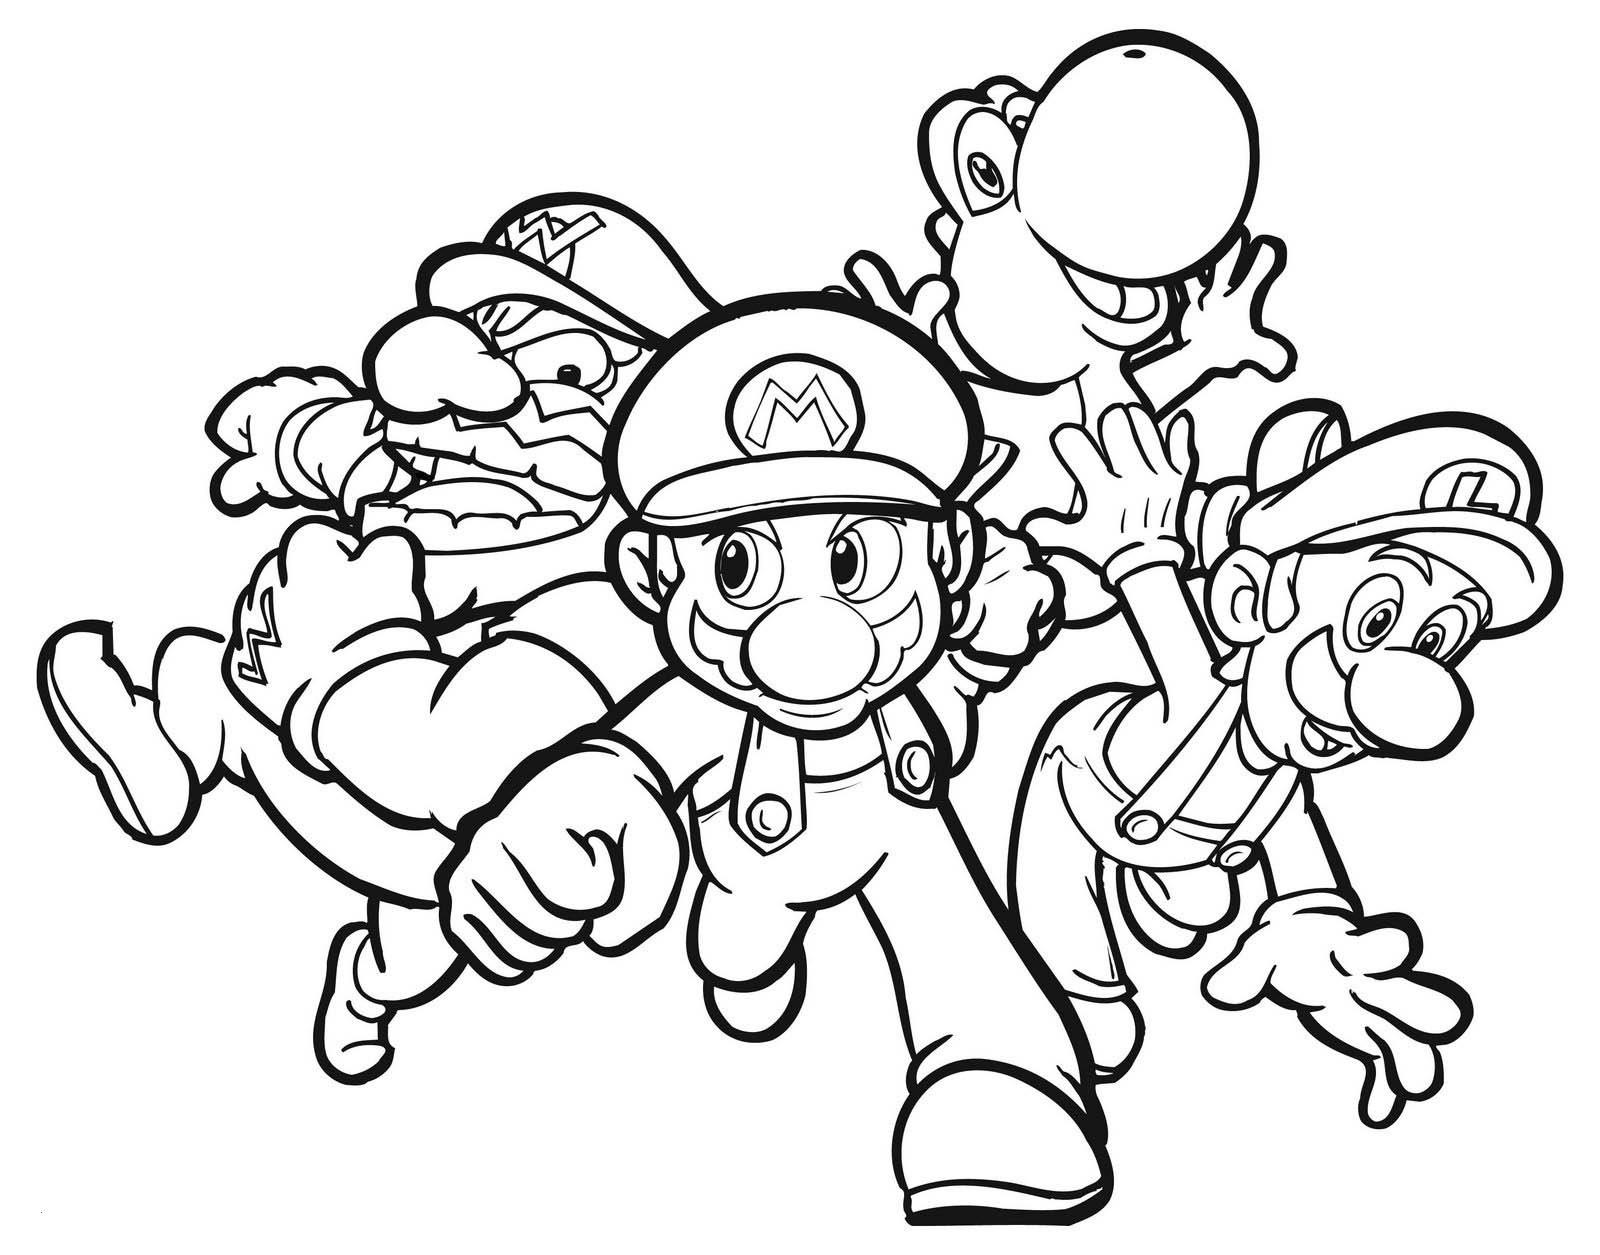 Super Mario Malvorlage Neu Ausmalbilder Mario Einzigartig Coloring Pages Mario Great Schön Bild